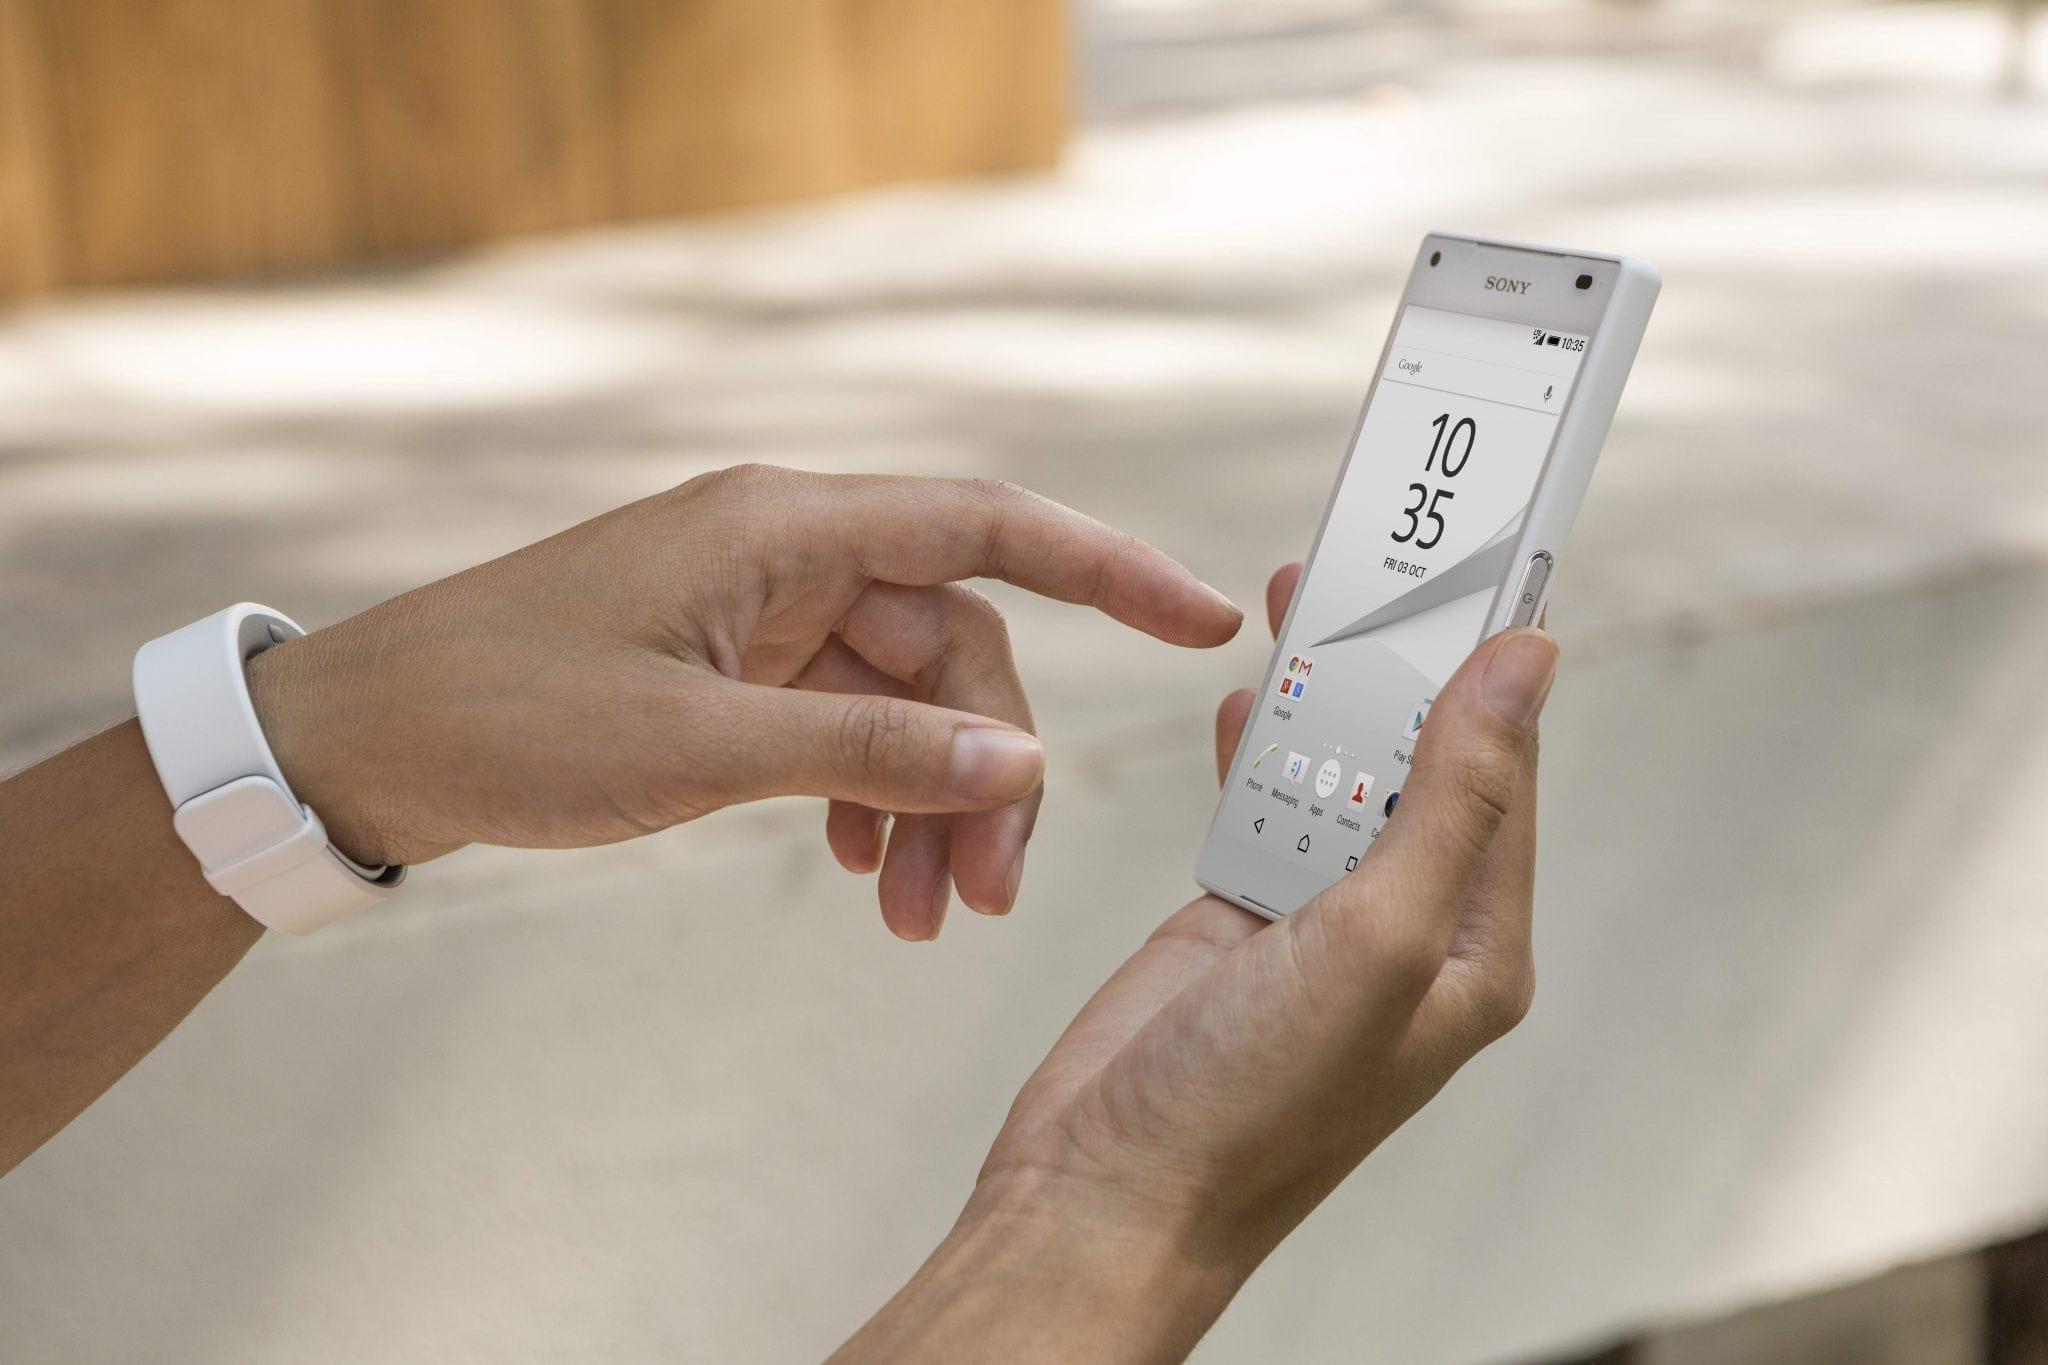 Consumăm în medie 0,5GB de internet mobil în fiecare lună